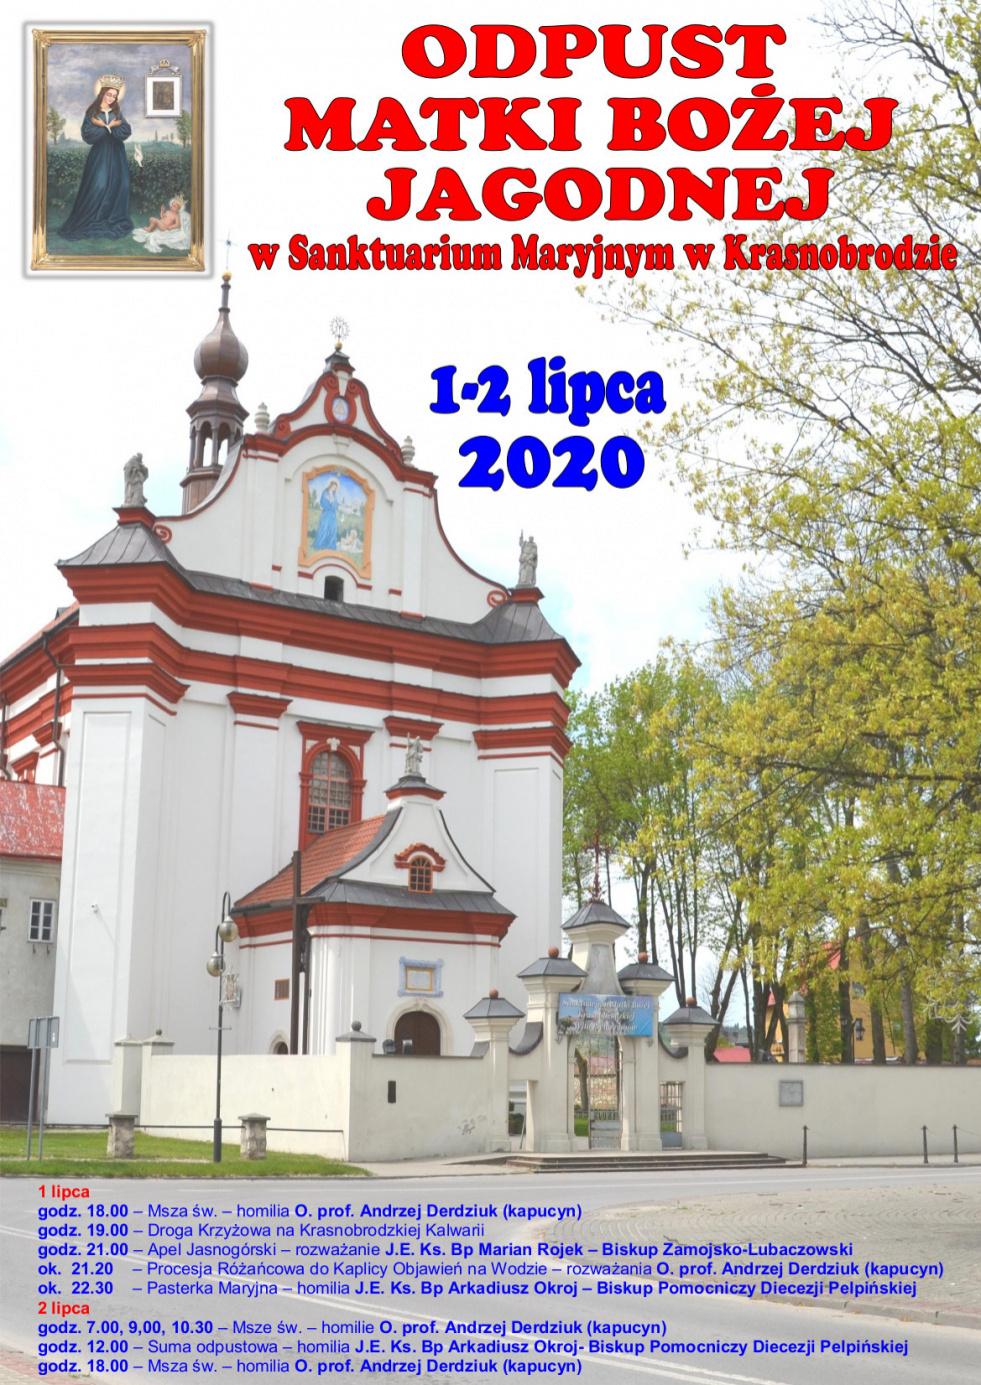 Rozpoczynają się uroczystości odpustowe w Sanktuarium Maryjnym w Krasnobrodzie